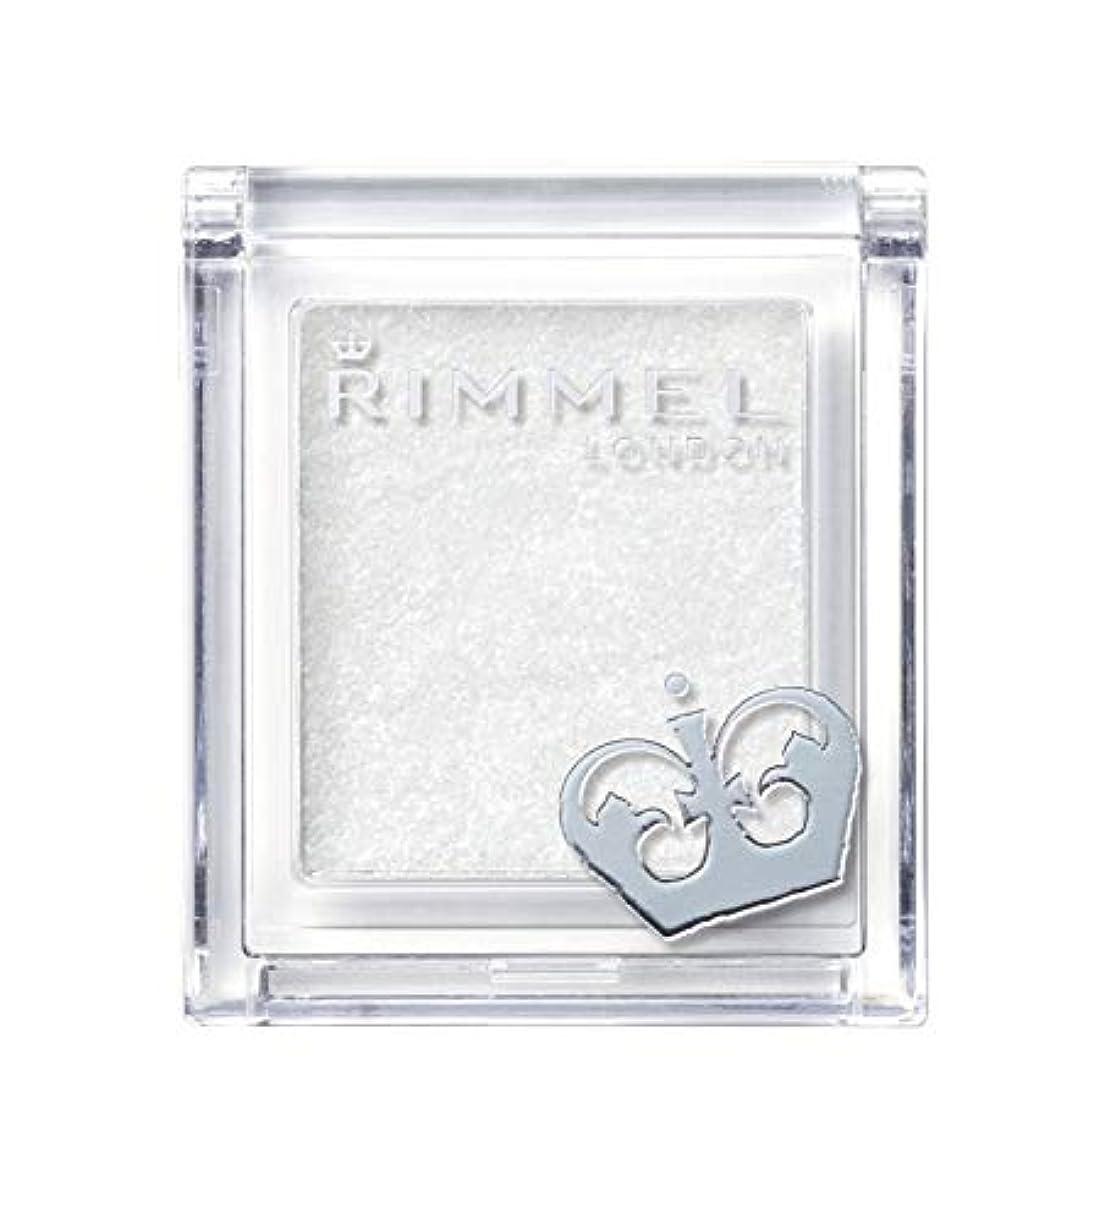 欺賭け意味のあるリンメル プリズムパウダーアイカラー 001 ダイヤモンドホワイト 1.5g